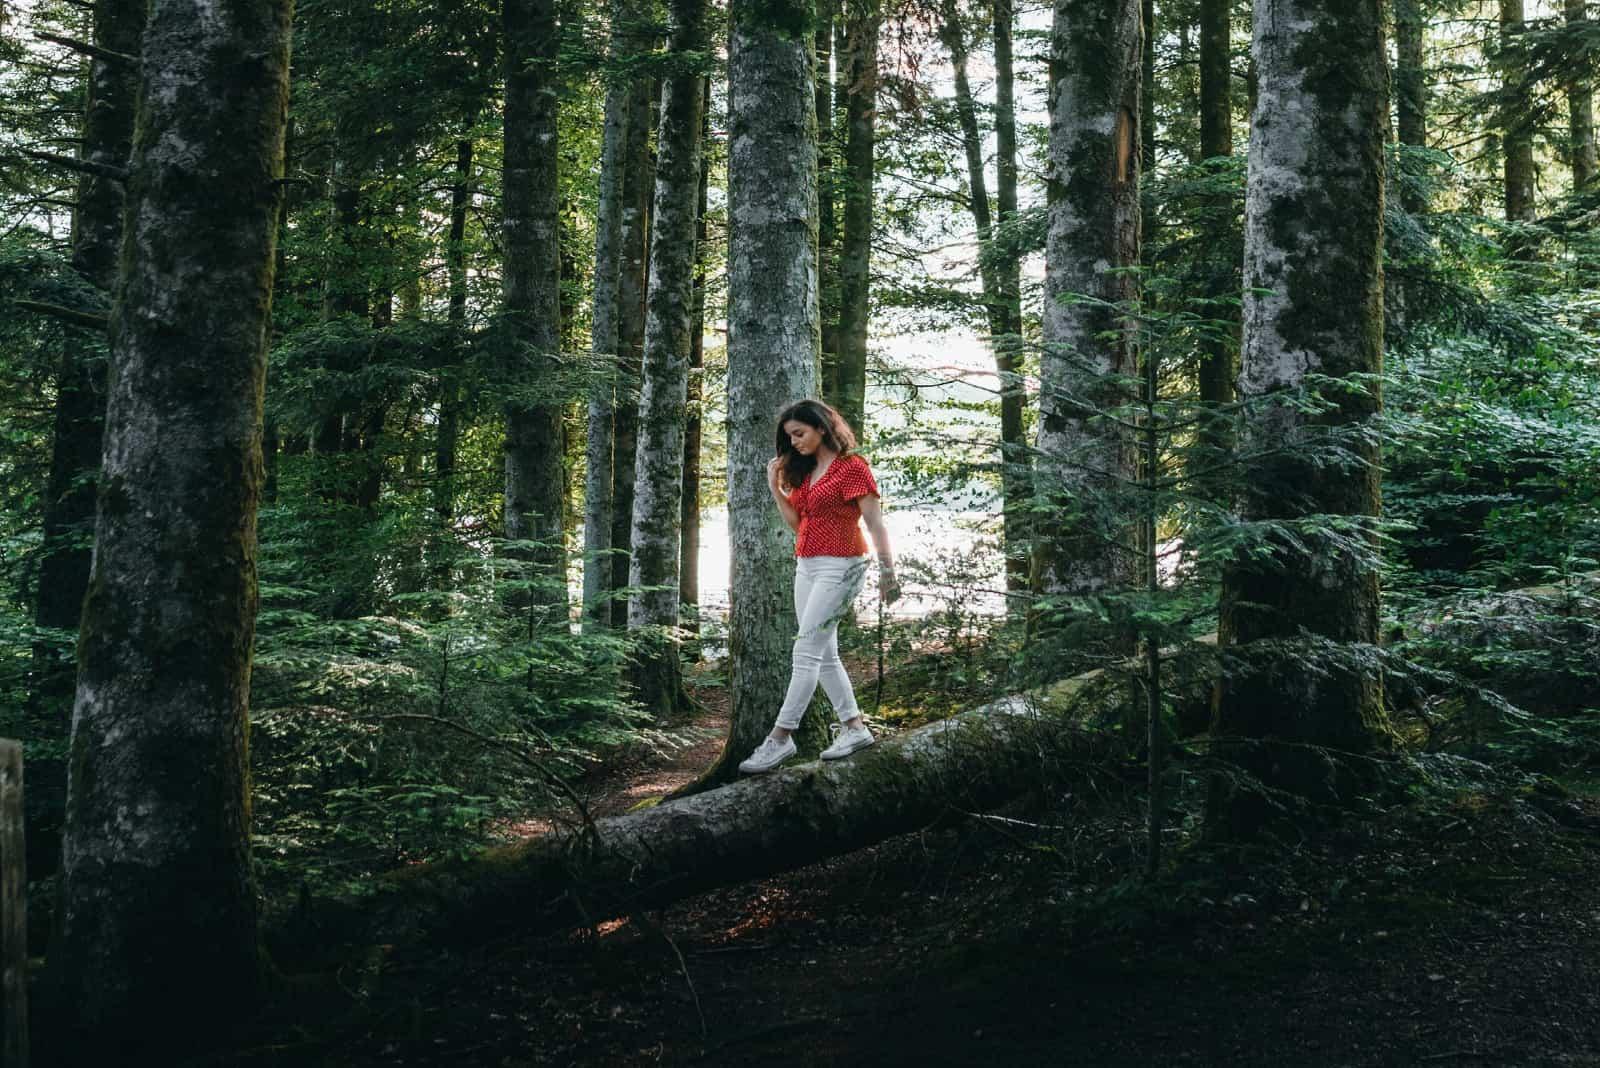 femme avec un haut rouge marchant dans les bois